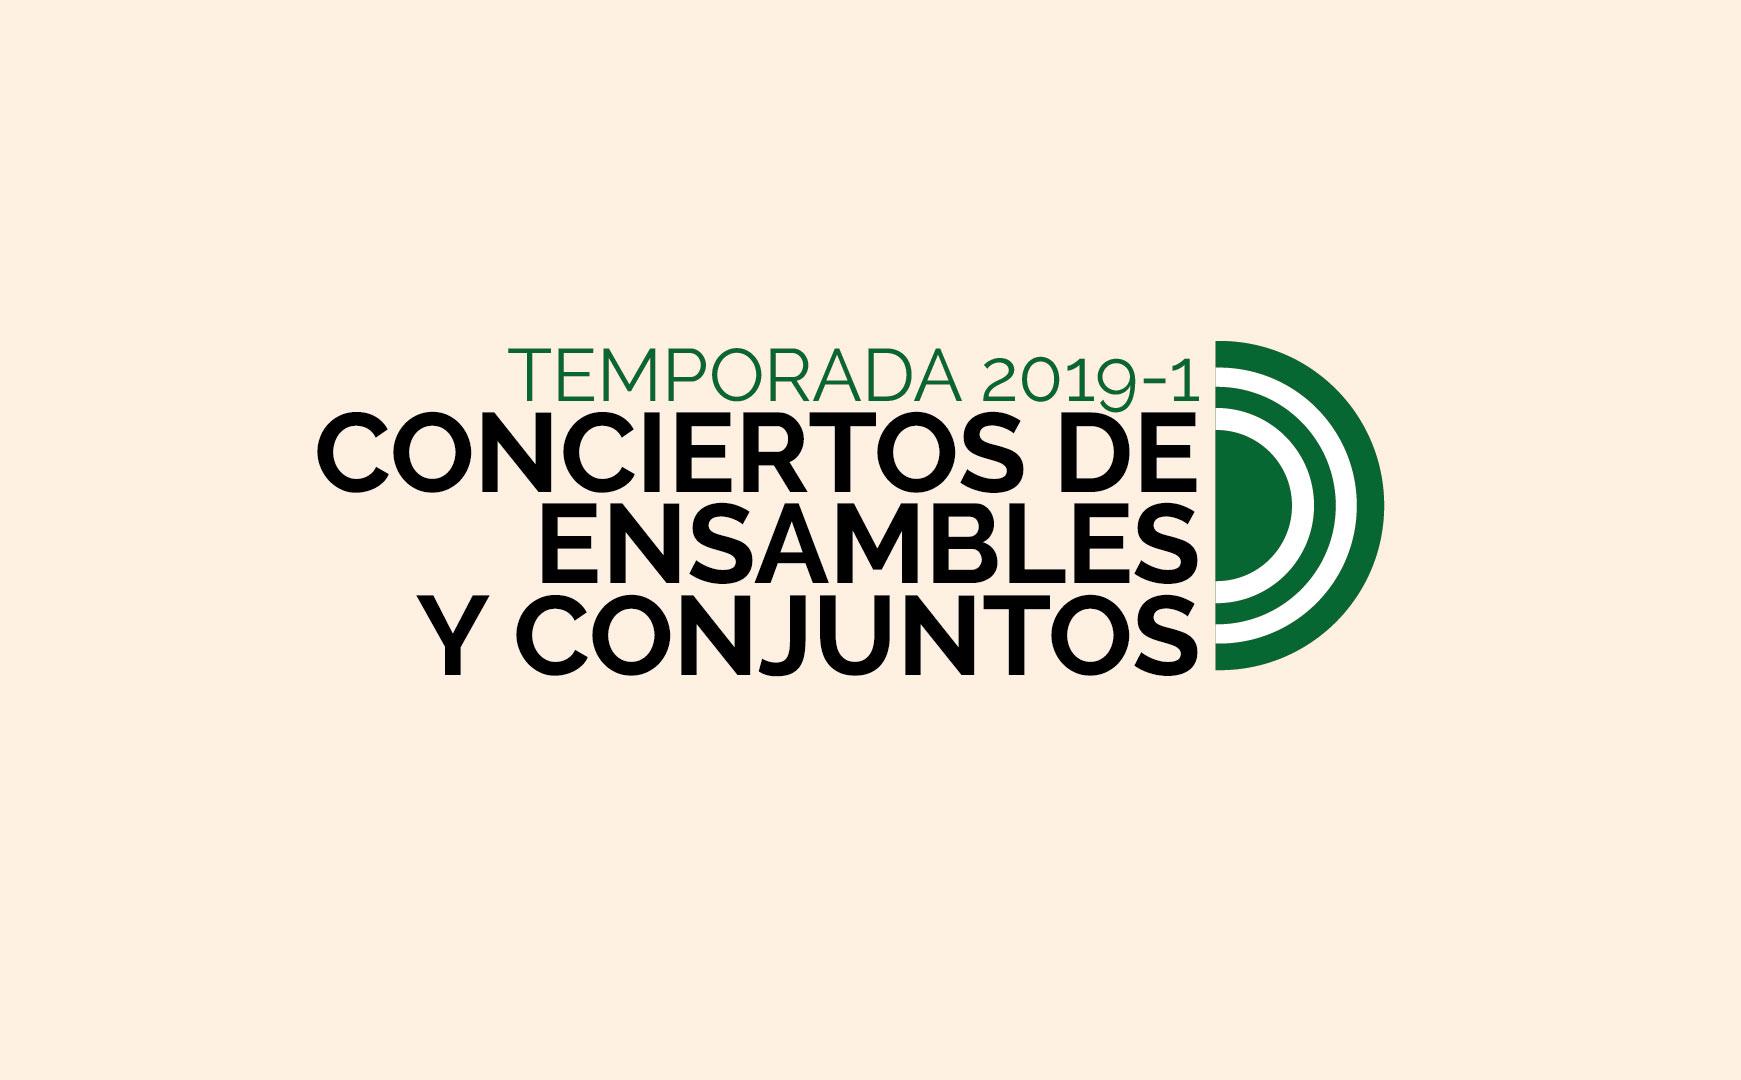 Temporada 2019-1 de Conciertos de Ensambles y Conjuntos